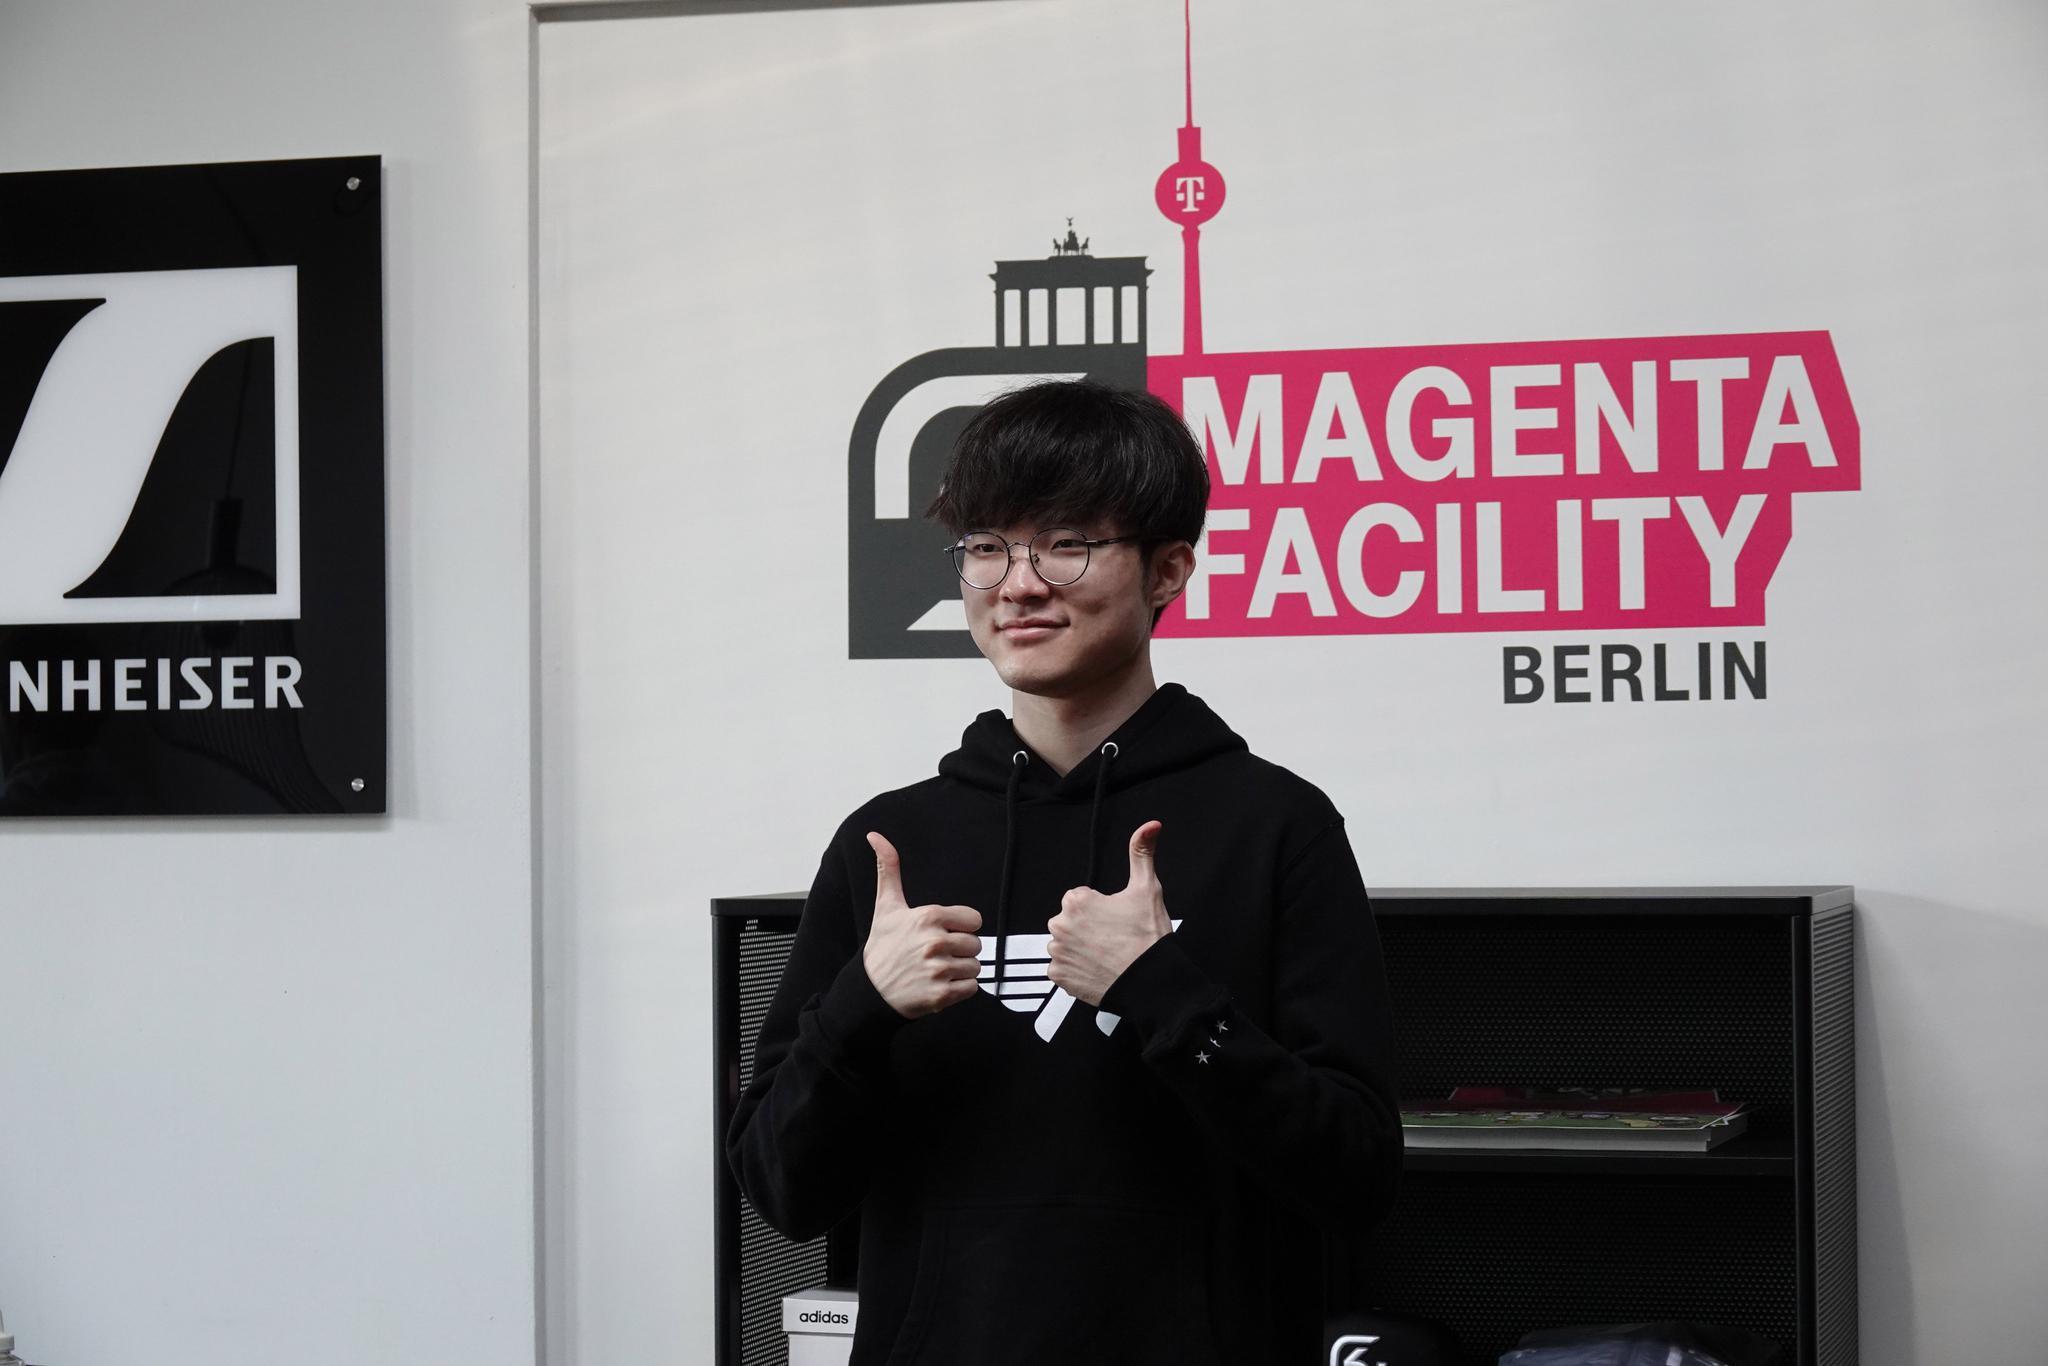 SKT晒照:去探访了位于柏林的SK俱乐部基地